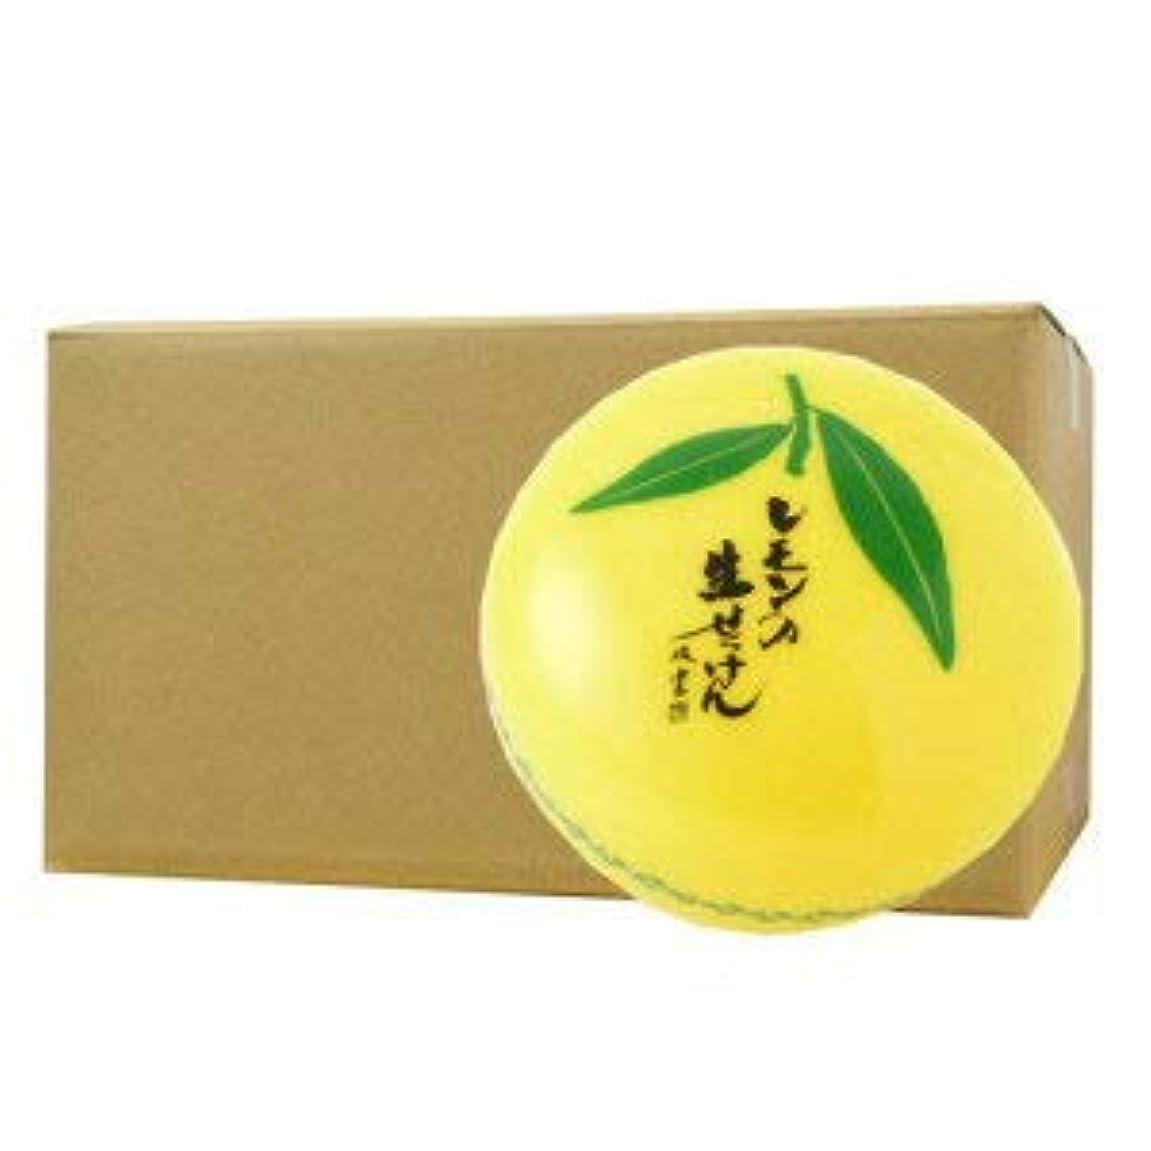 指令トンネル胸UYEKI美香柑レモンの生せっけん50g×72個セット